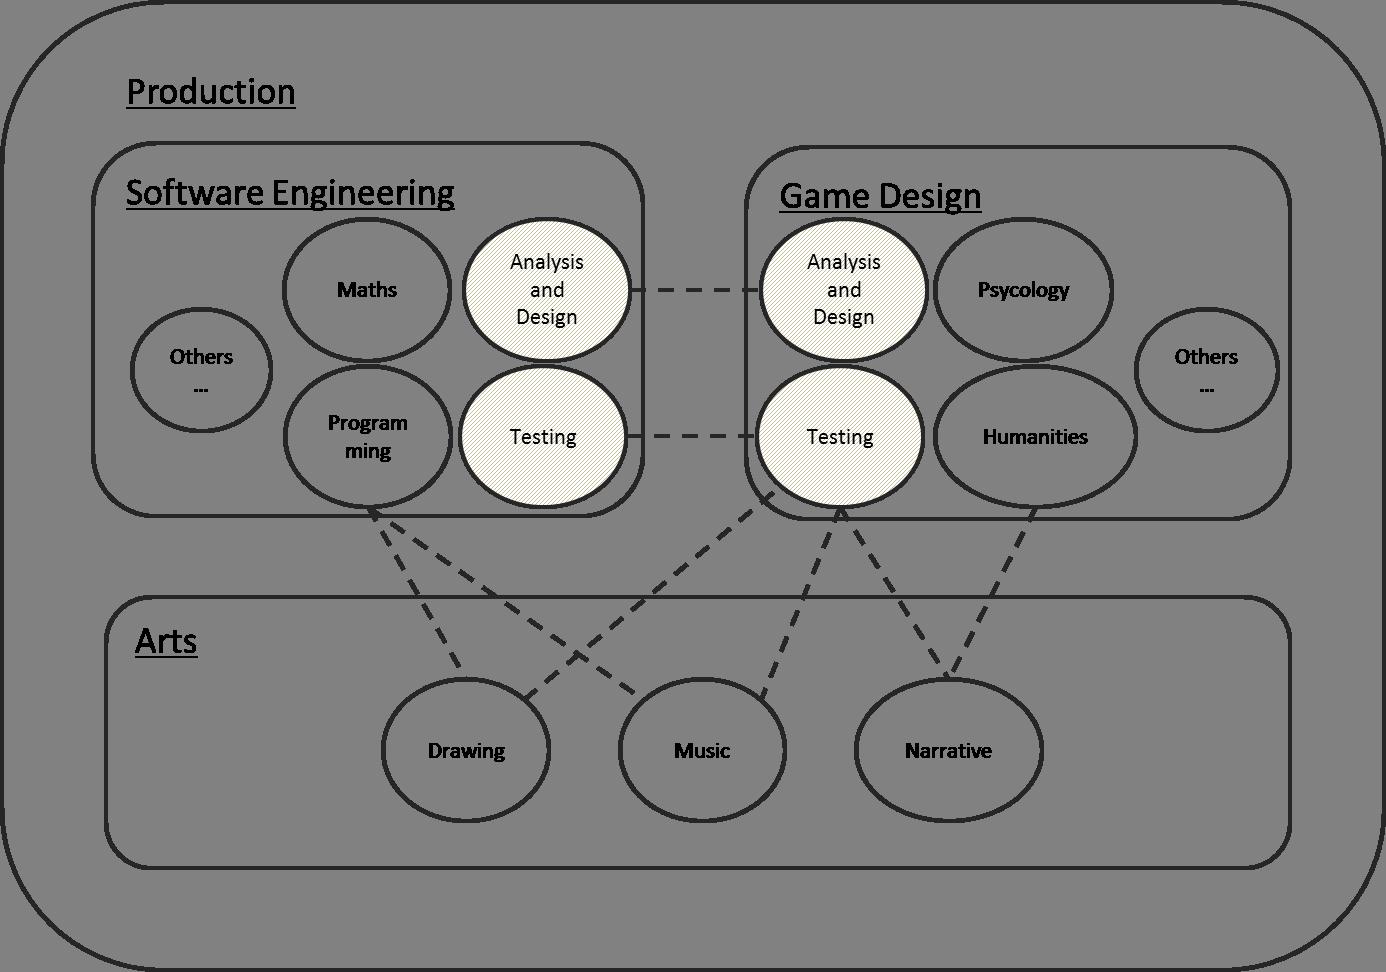 Proposed interaction between disciplines